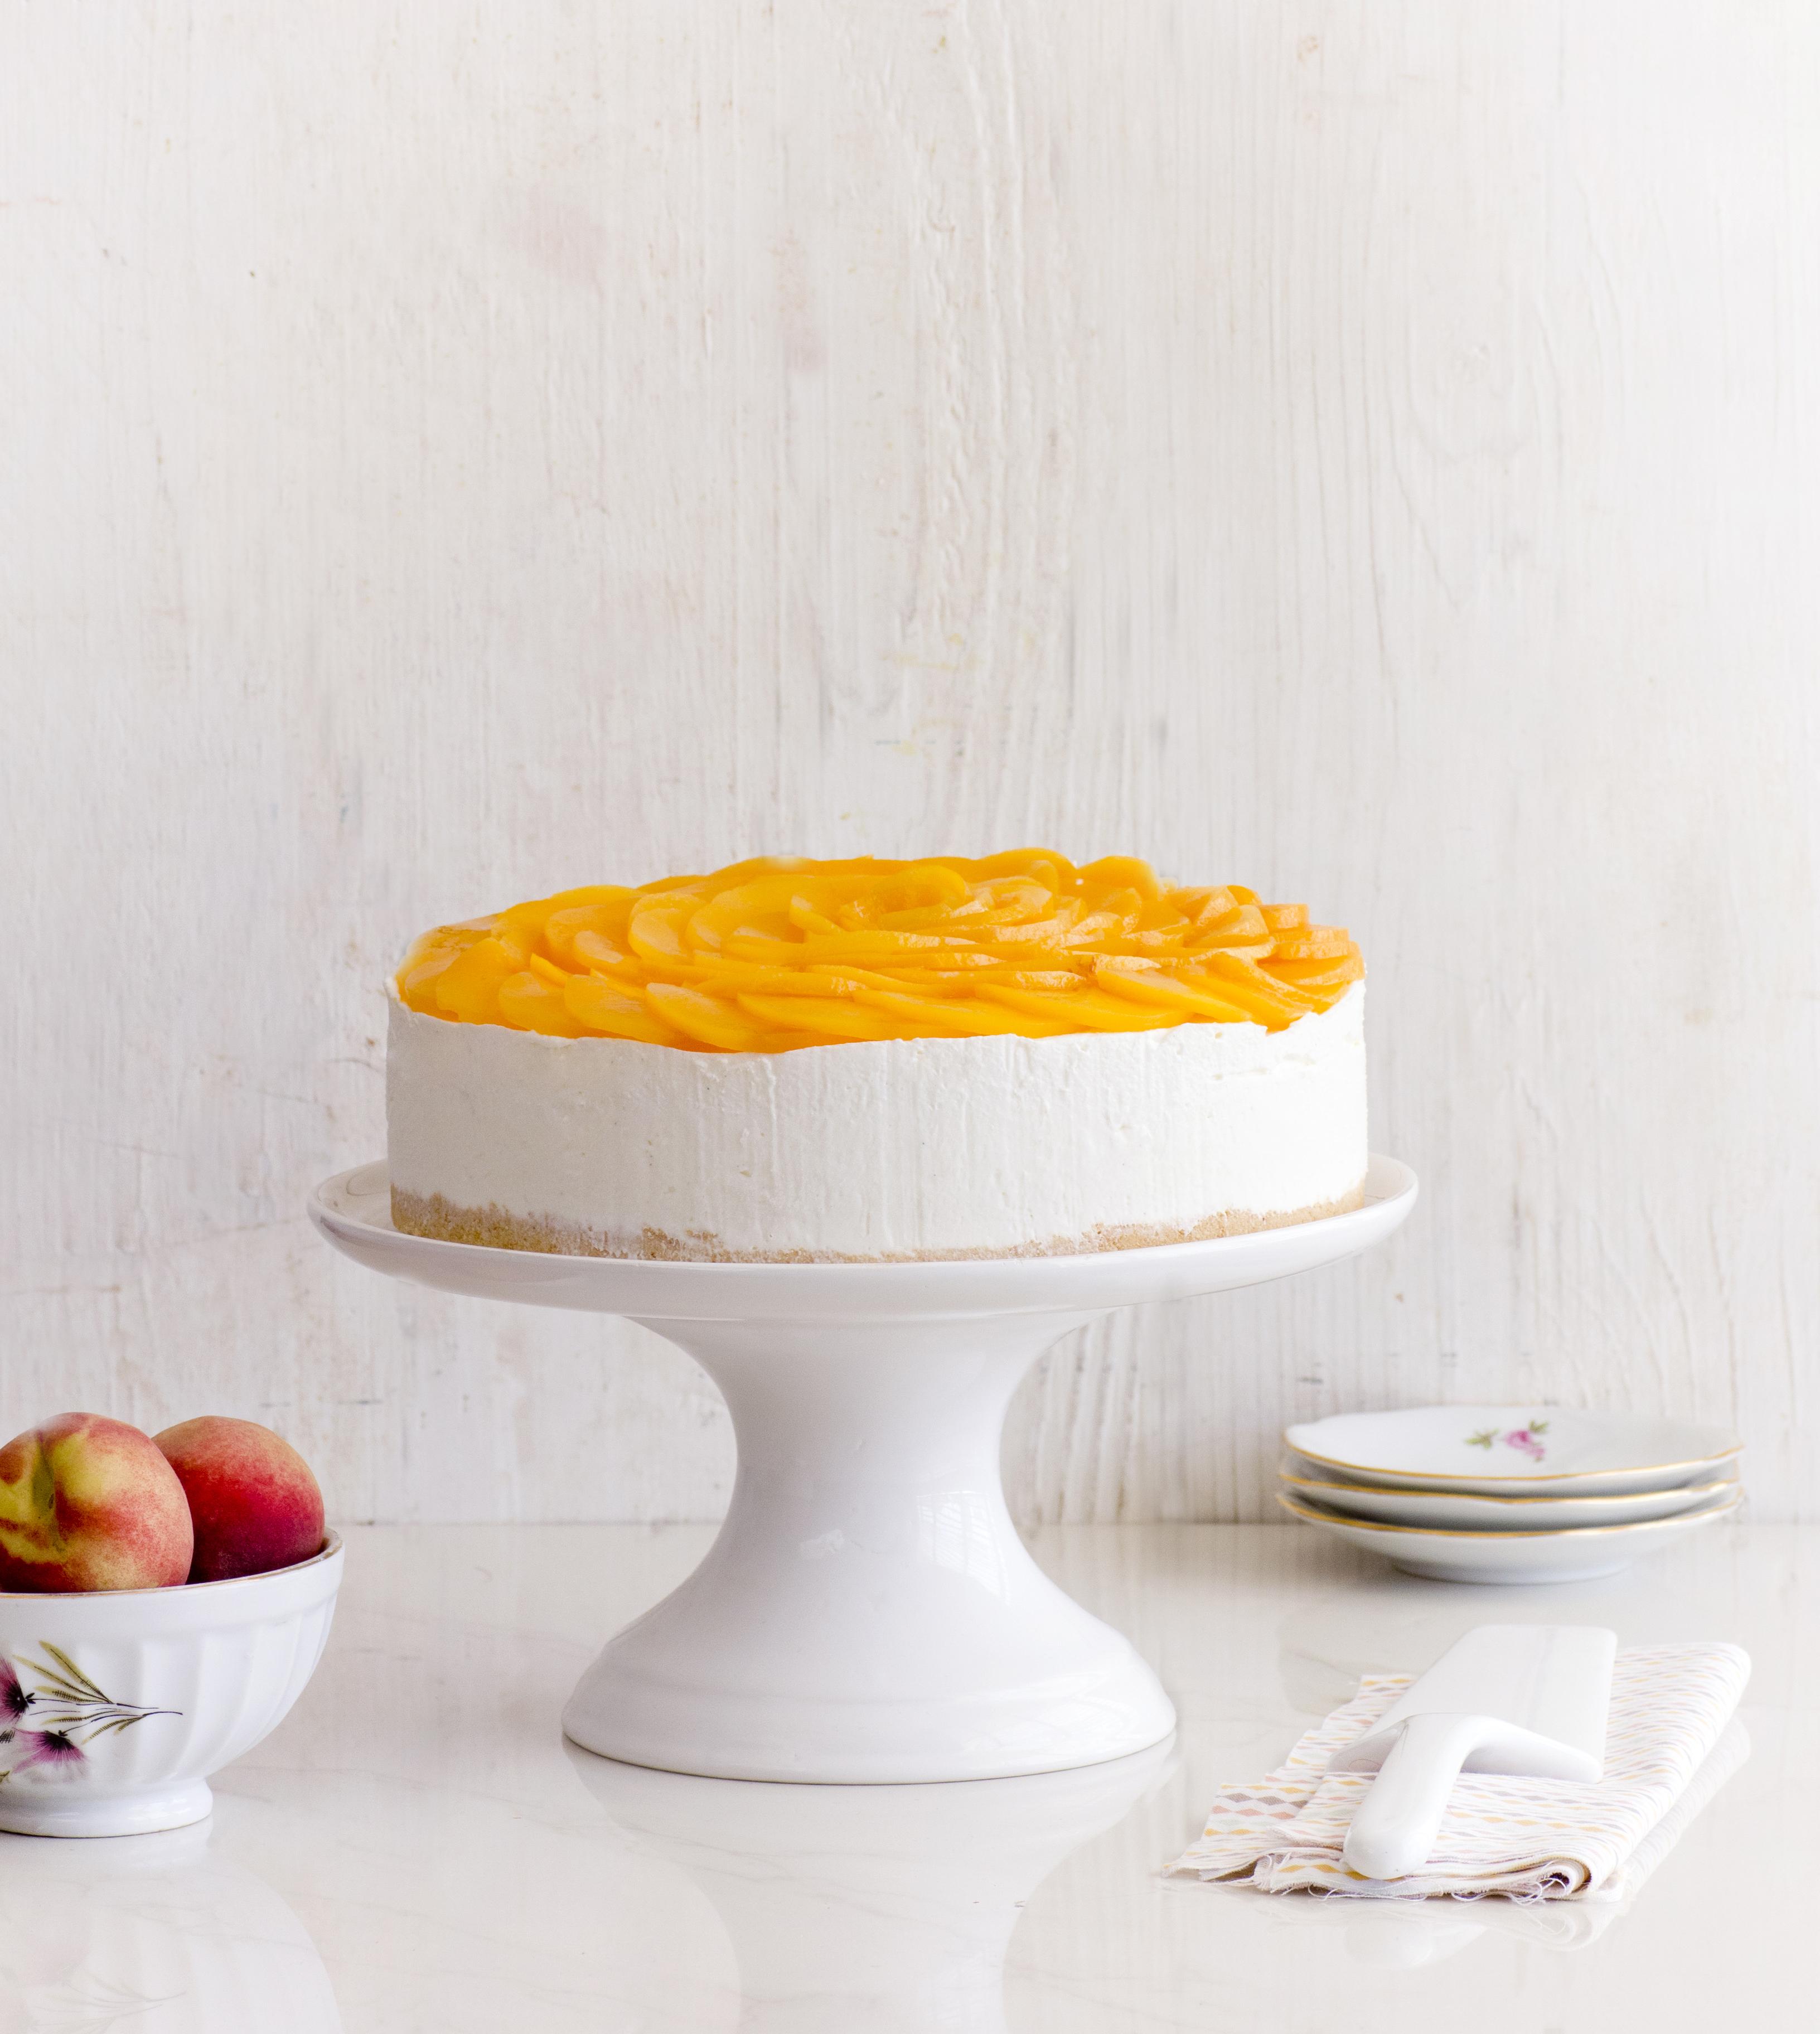 עוגת גבינה קרה עם אפרסקים